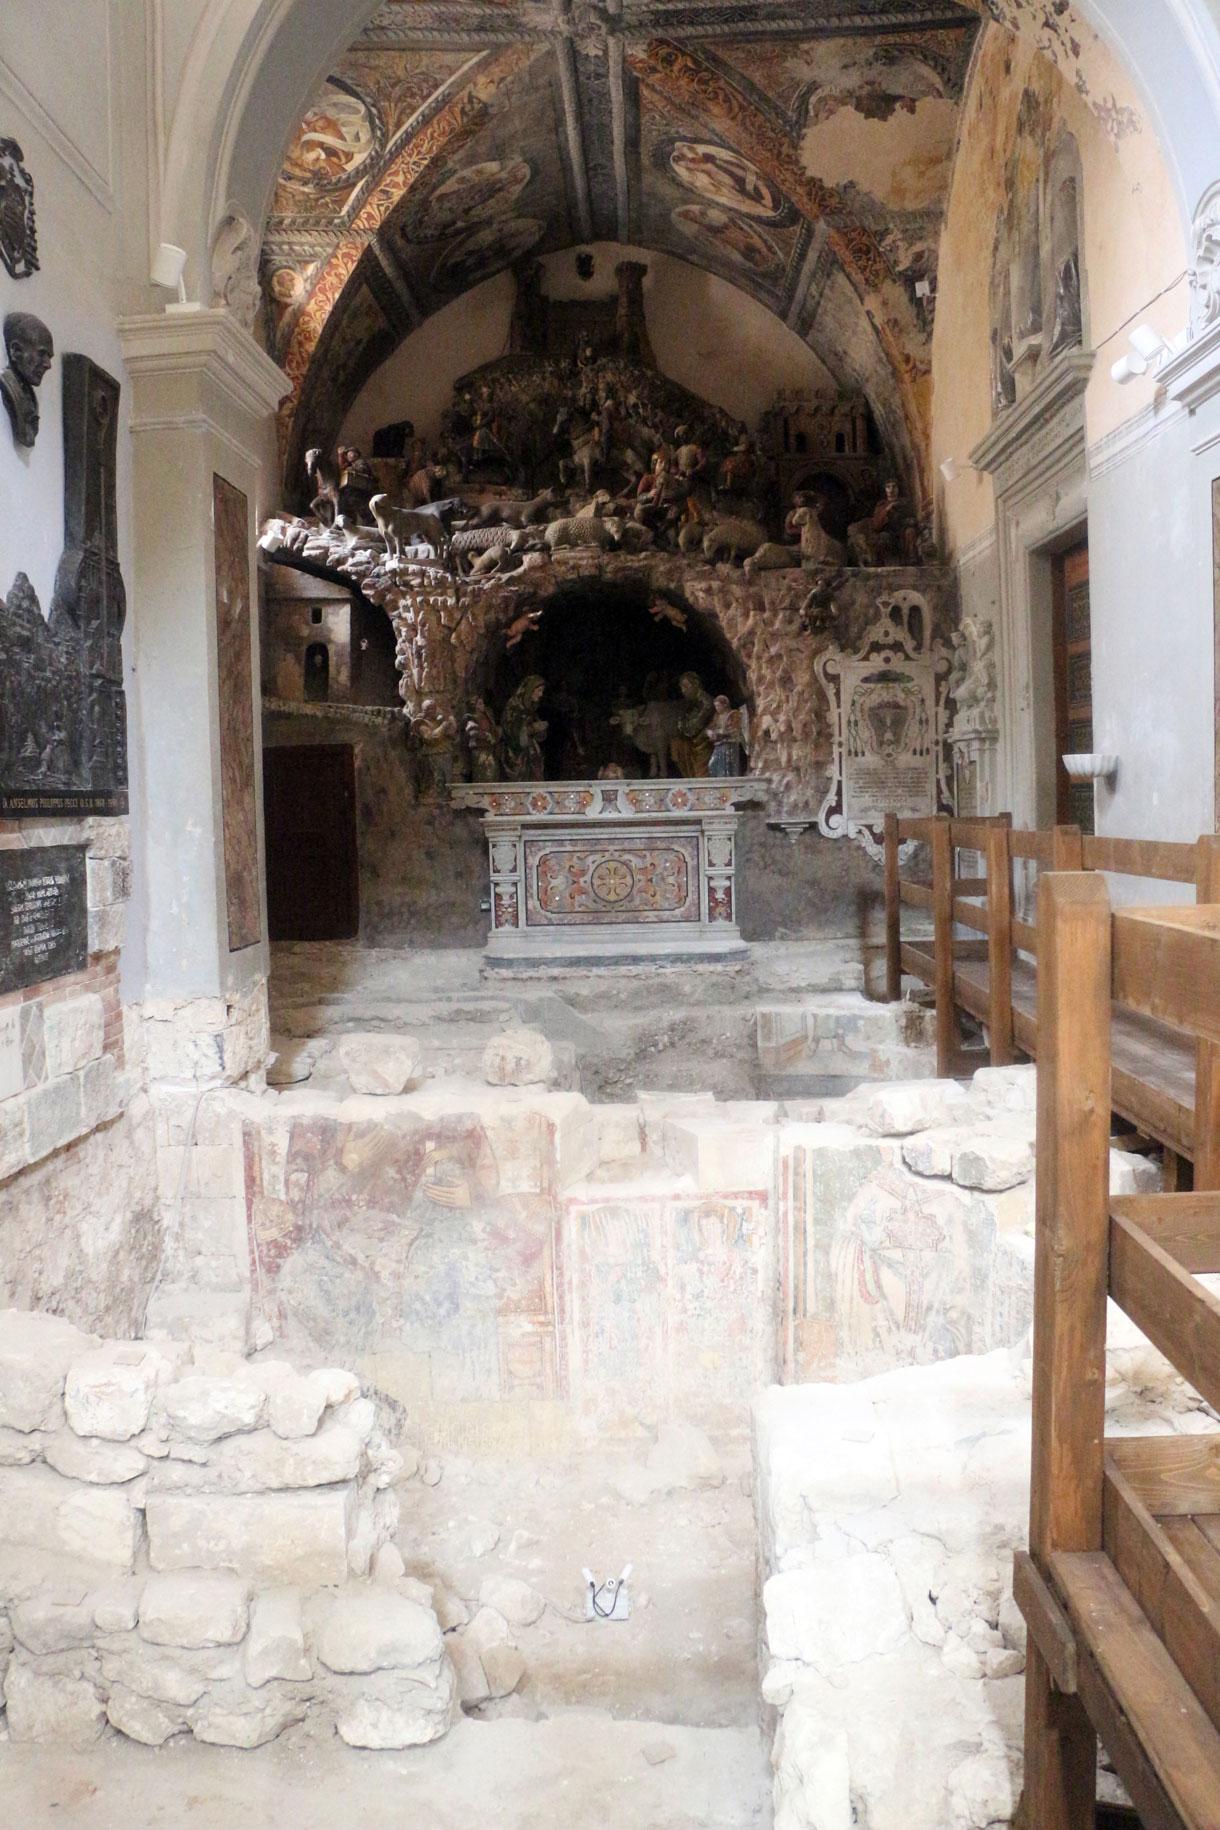 Nella foto, il presepe artistico di Altobello Persio ospitato all'interno della Cattedrale di Matera